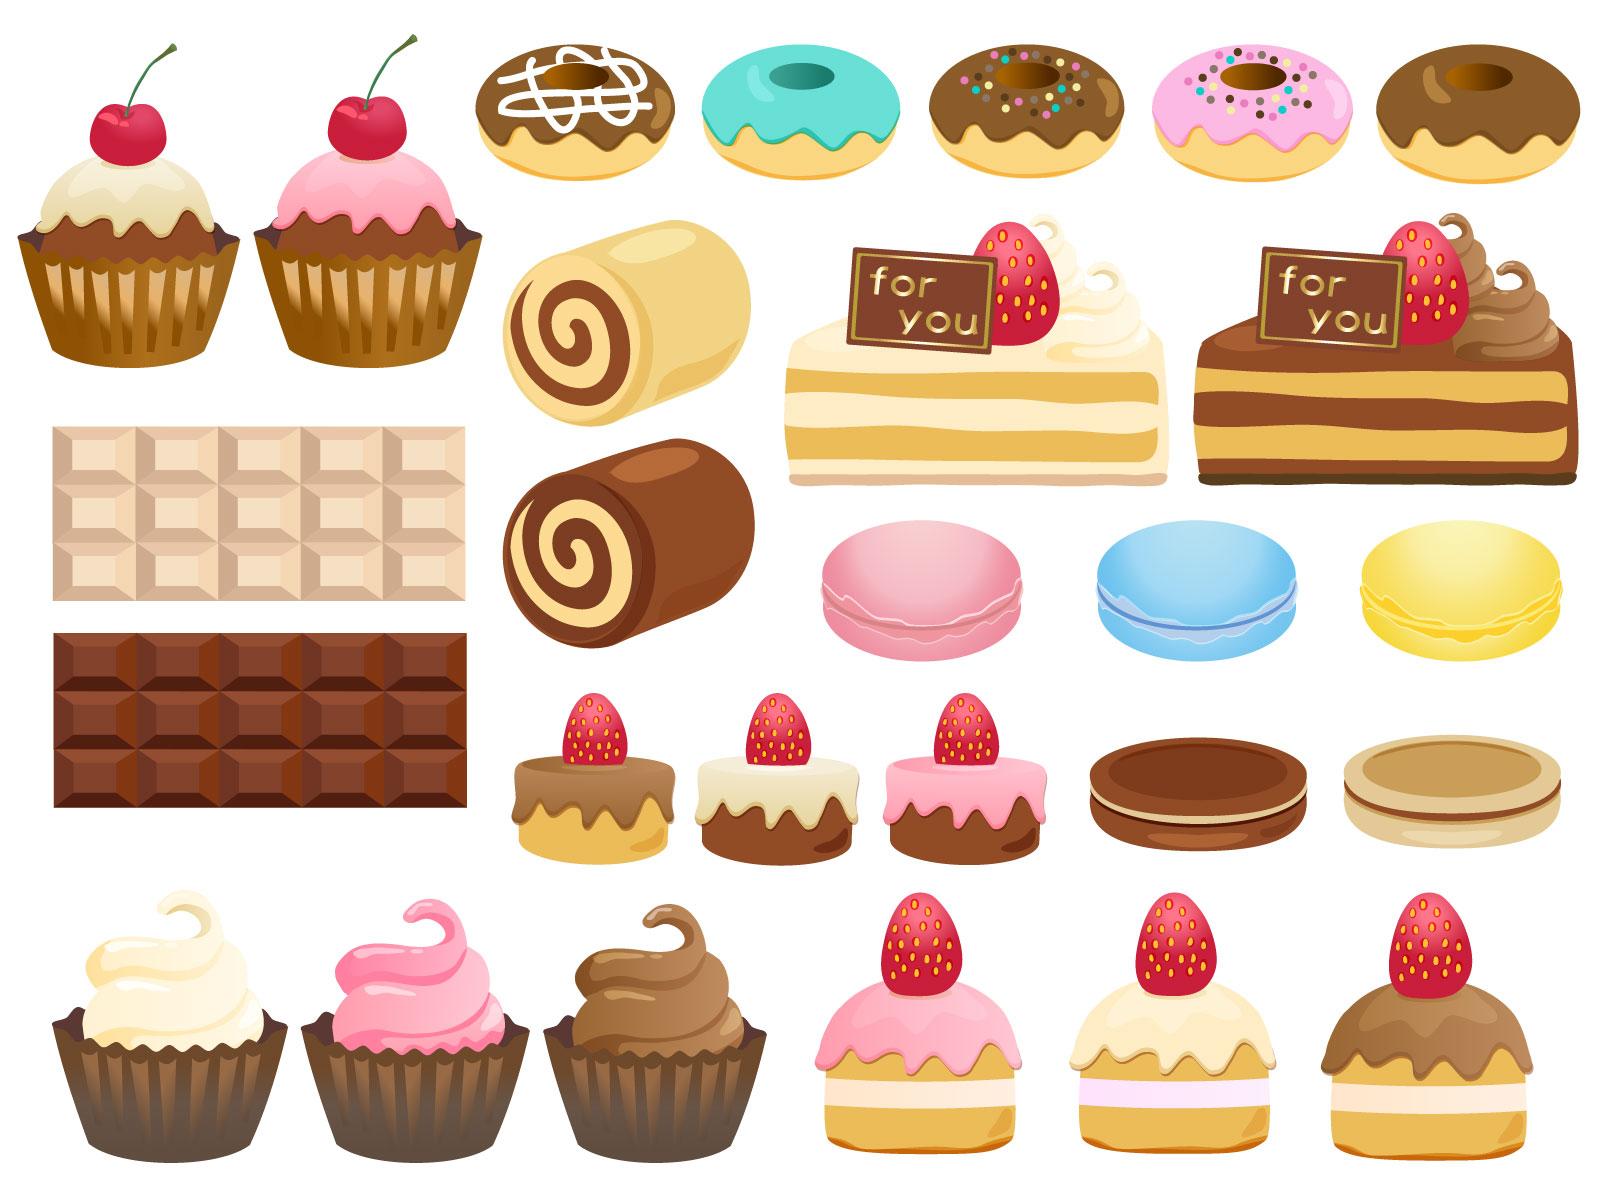 ケーキ、ドーナツ、スイーツのアイコンセット(無料)